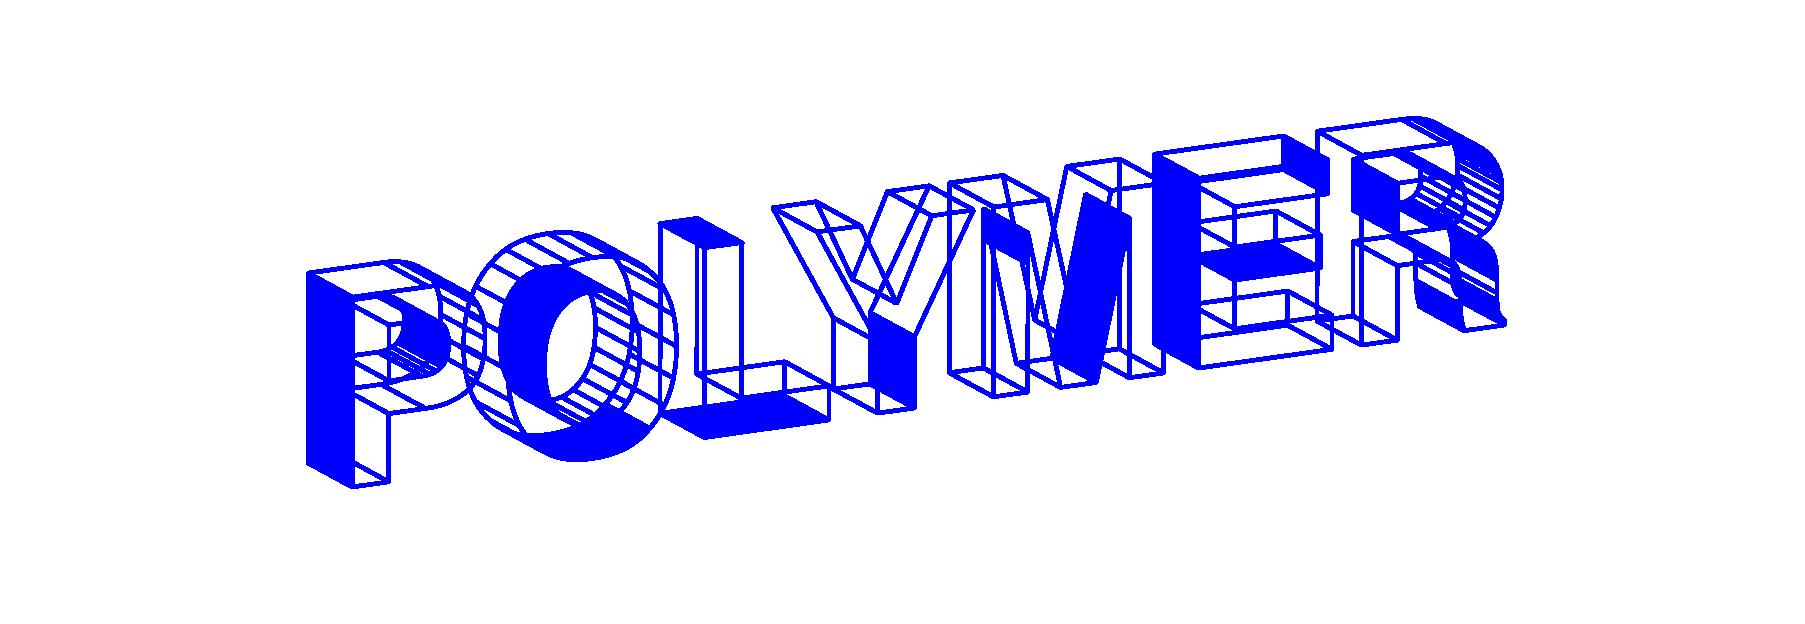 polymer_logo-02.png